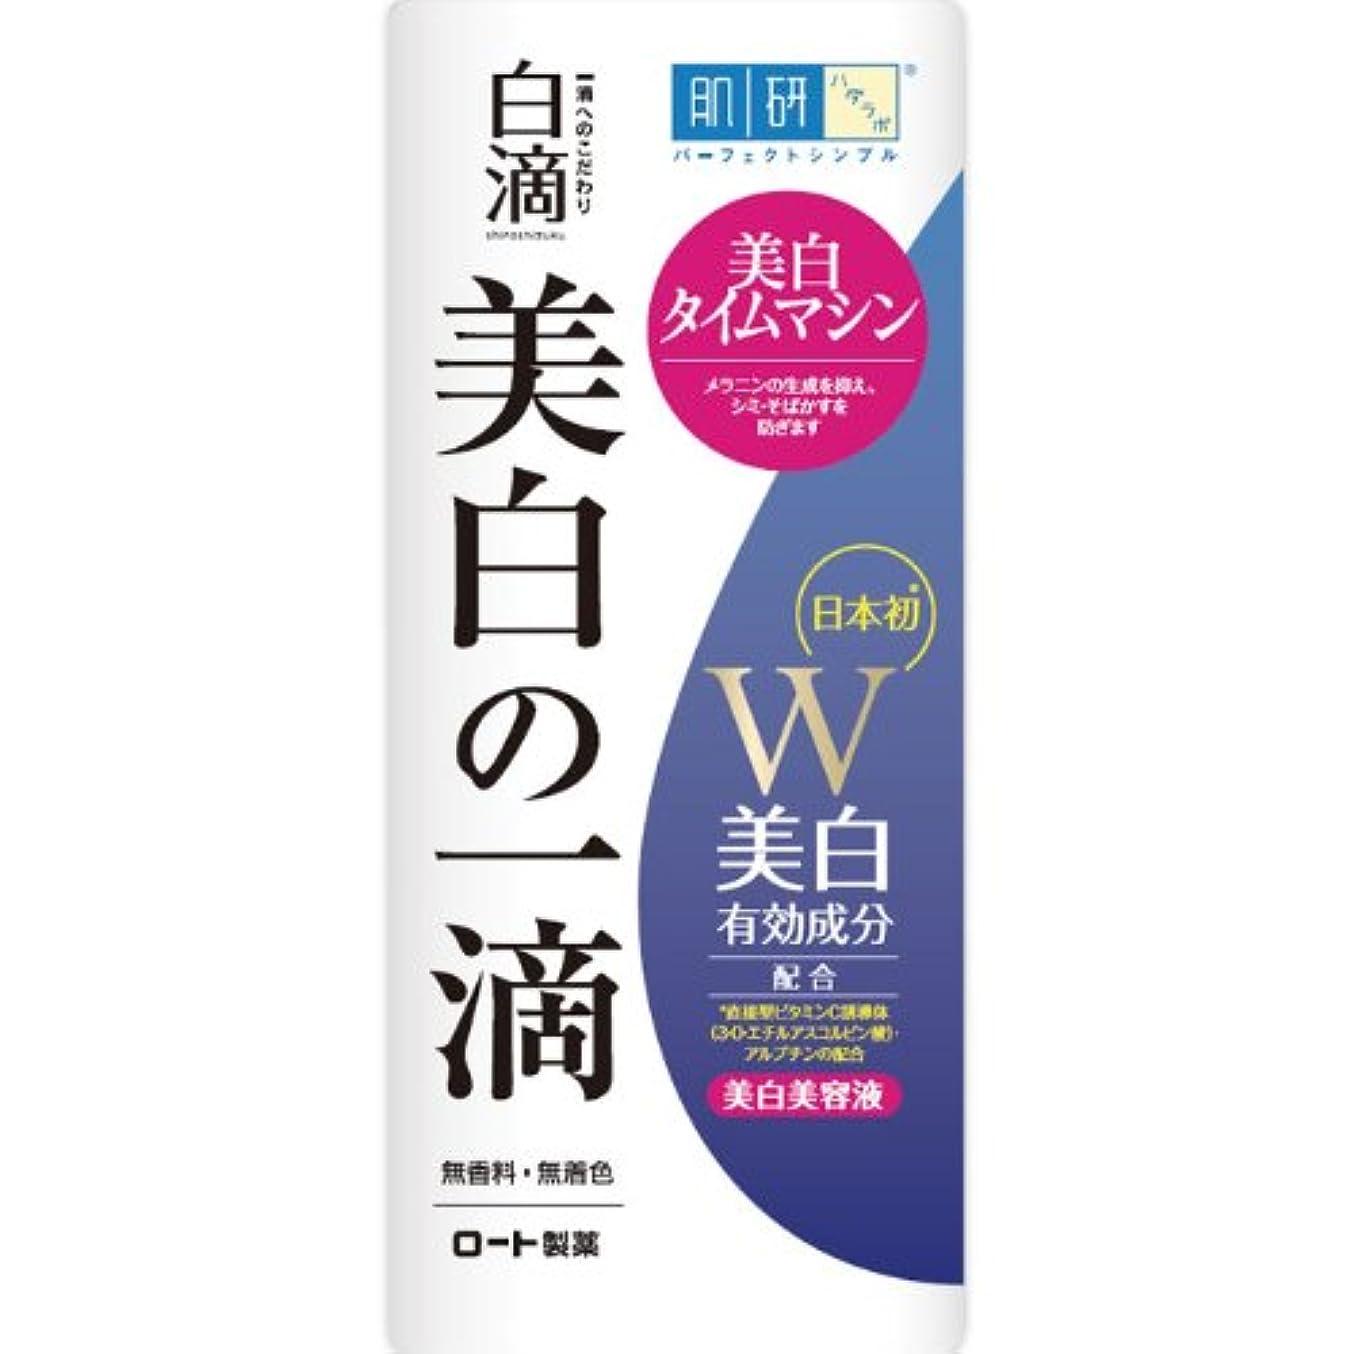 弾薬日の出ささいな【医薬部外品】肌研(ハダラボ) 白滴 (シロシズク) 美白の一滴 45mL